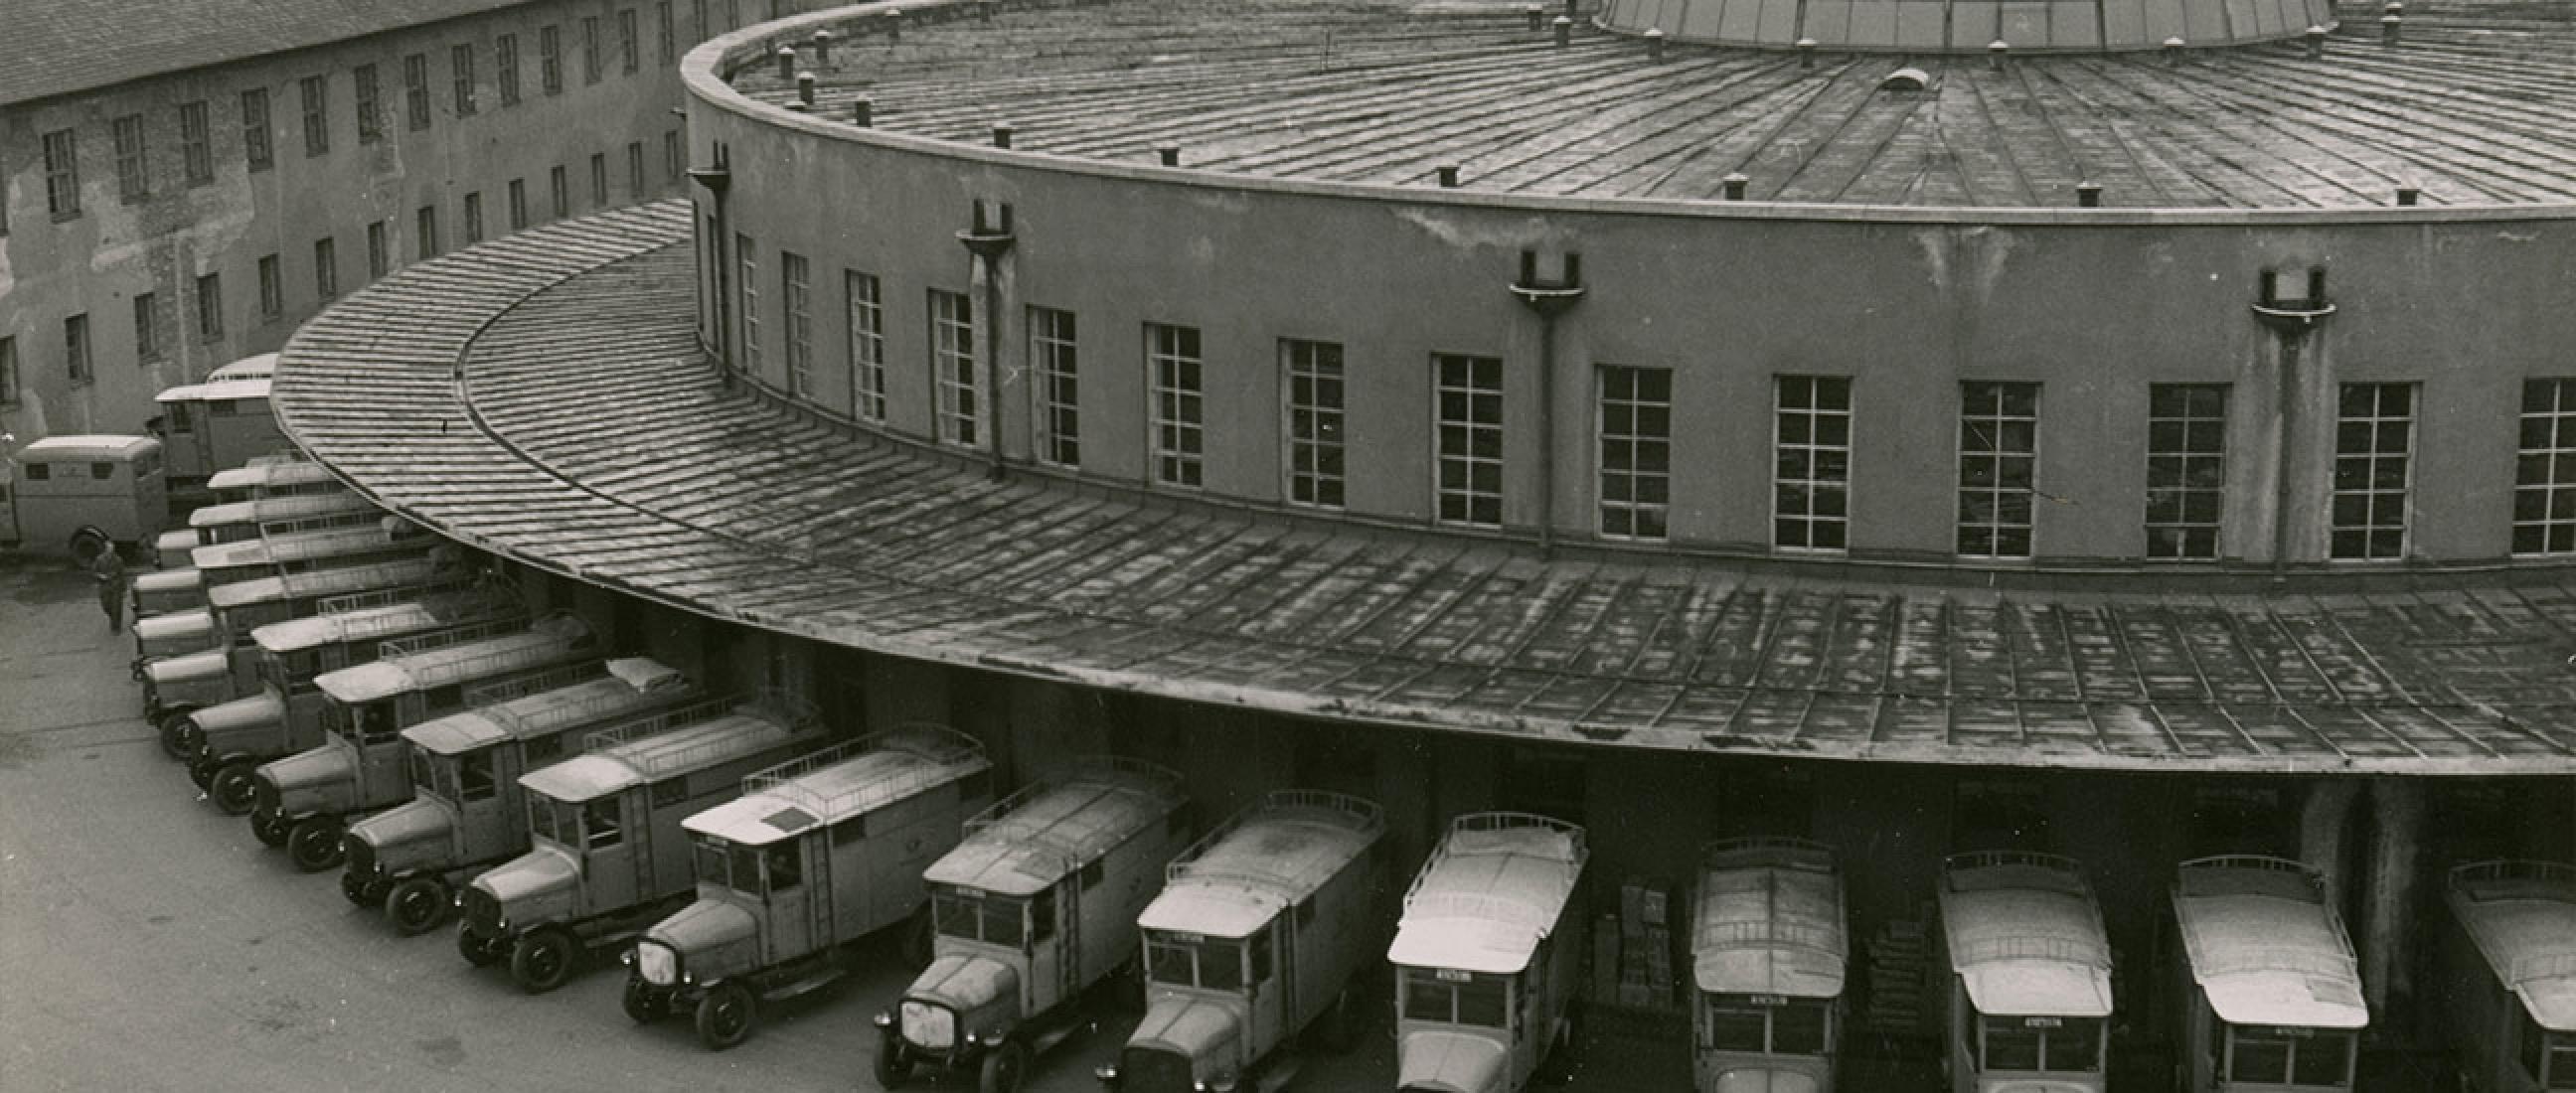 Beladen der elektrischen Postwagen in der Rotunde, 1952 © Toni Schneiders Estate / Stiftung F.C. Gundlach